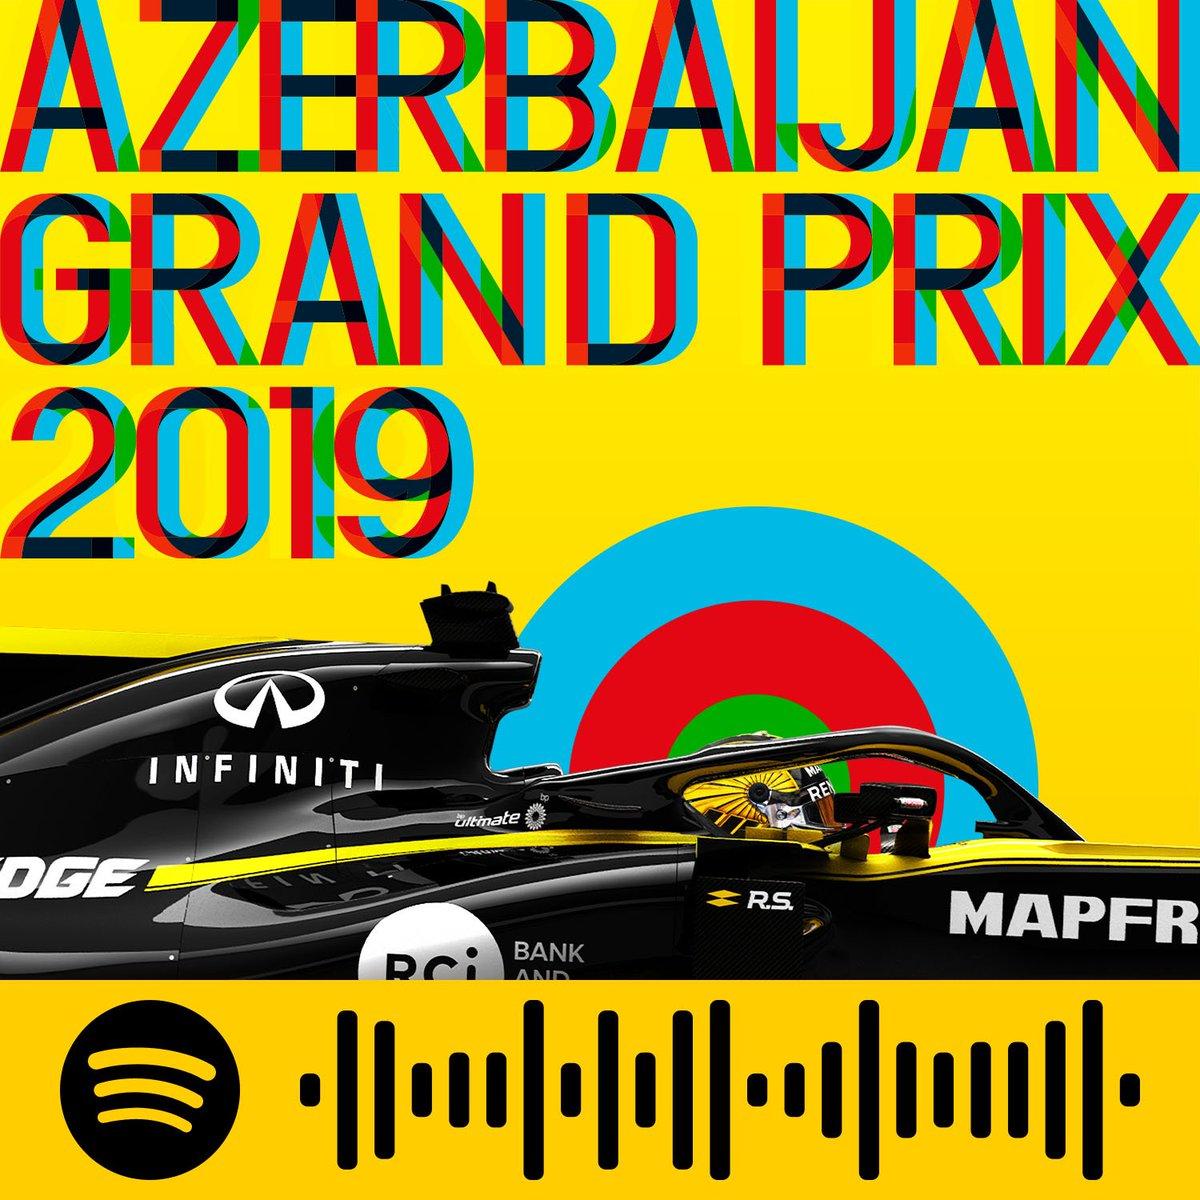 Renault F1 Team on Twitter: